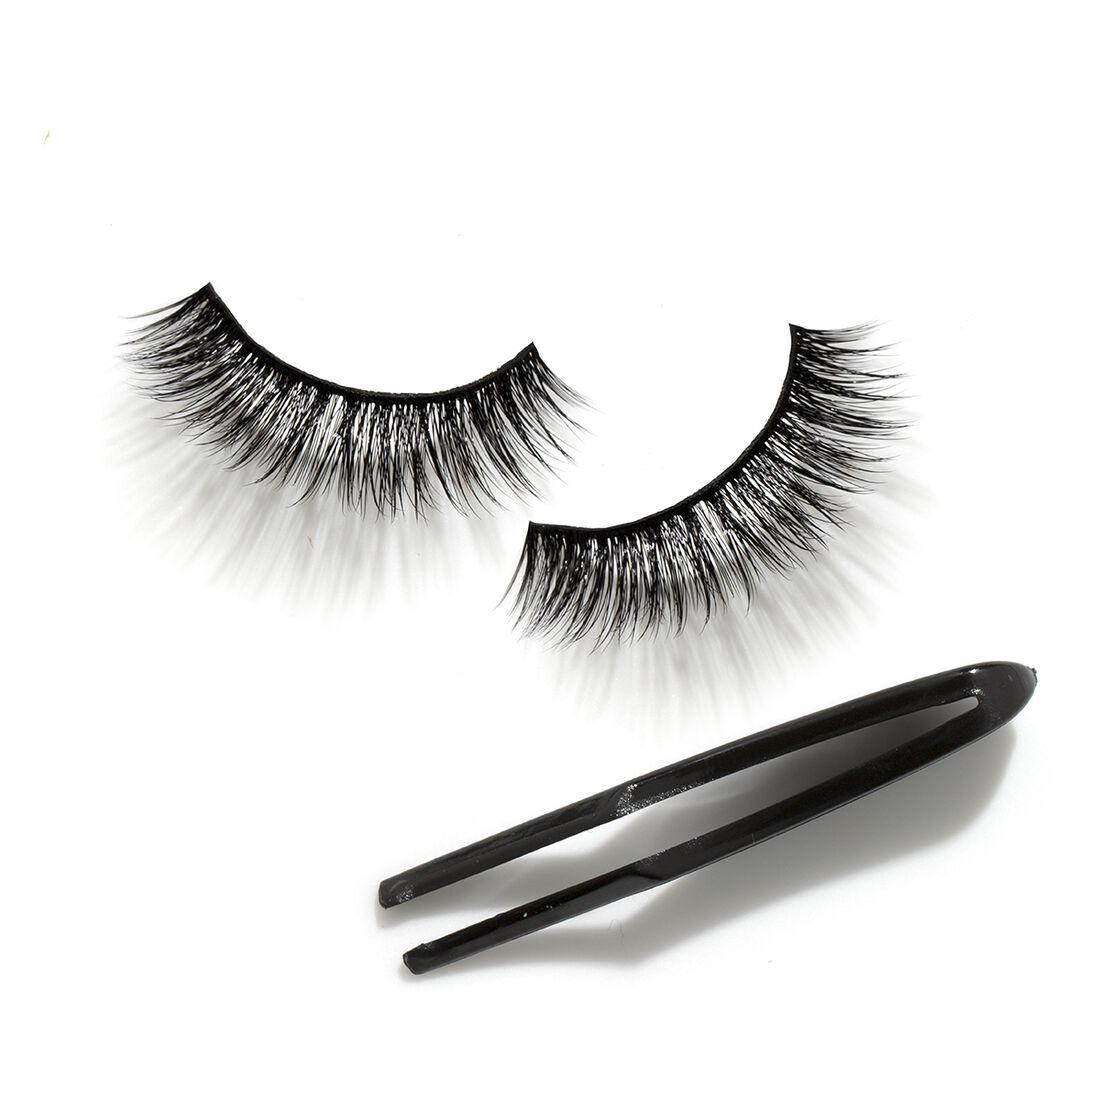 E.l.f Cosmetics - Weylie x e.l.f. Luxe Lash Kit 2.0